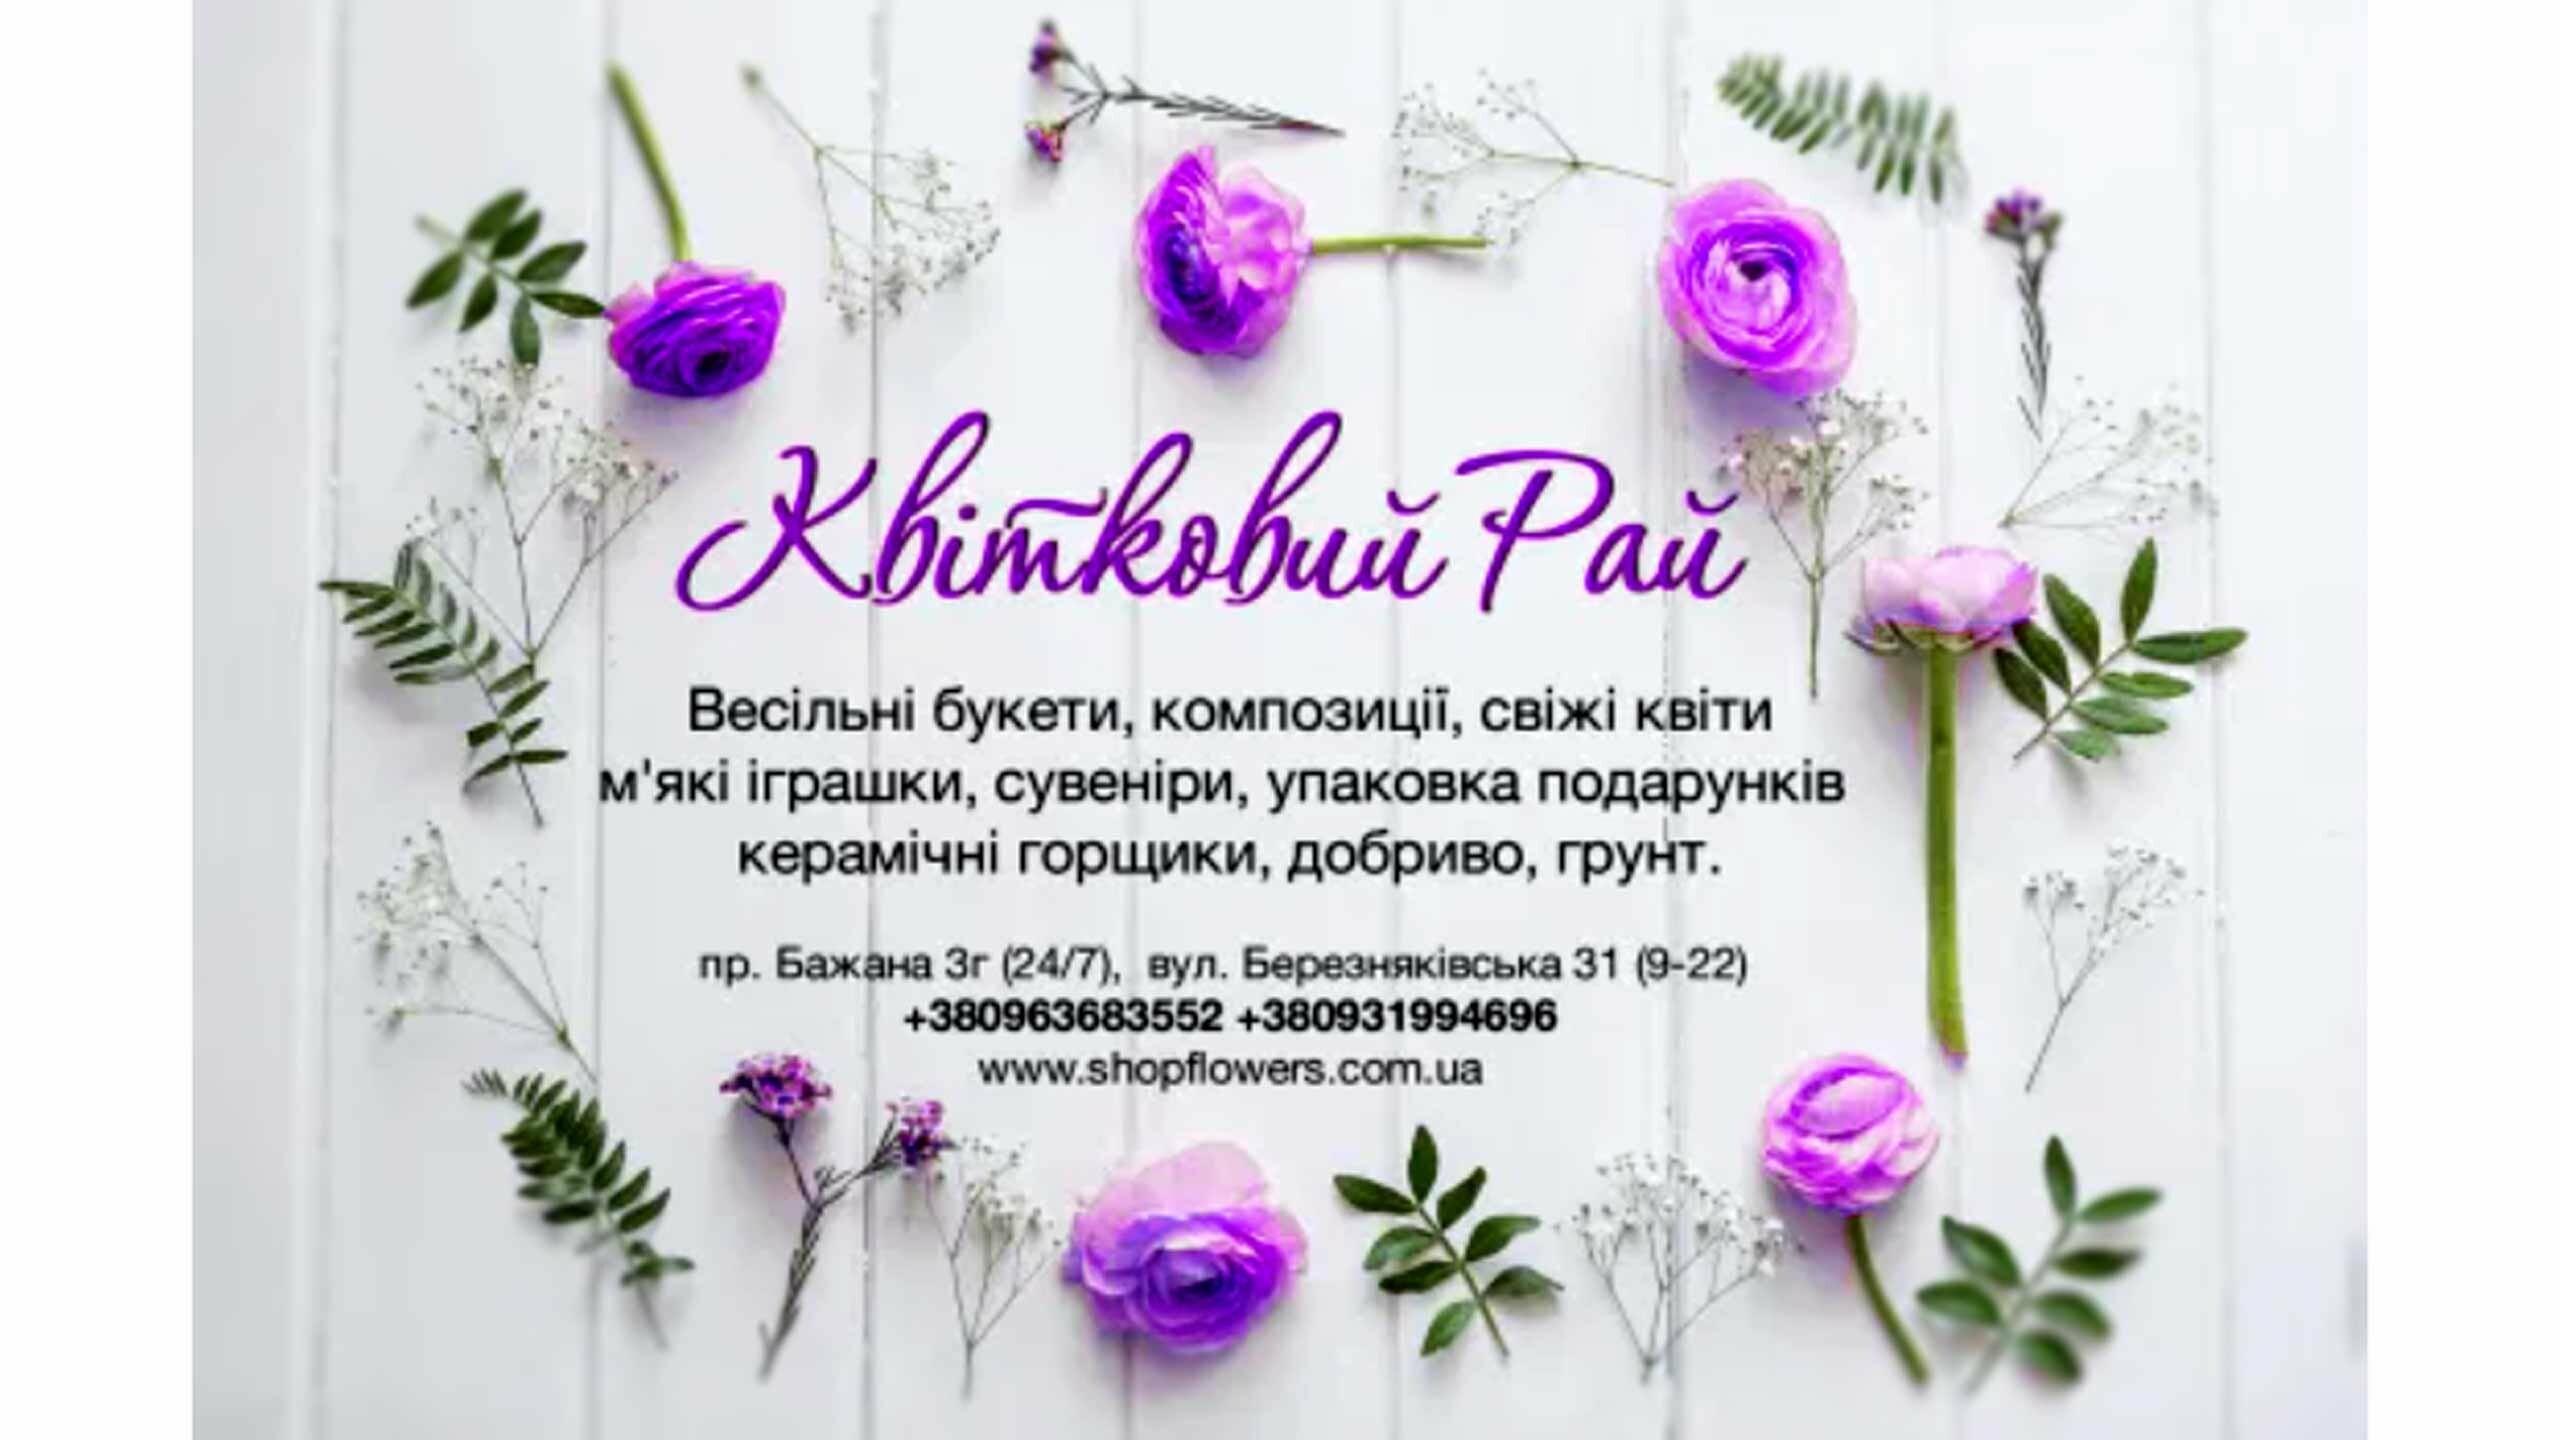 Реклама квіткового магазину